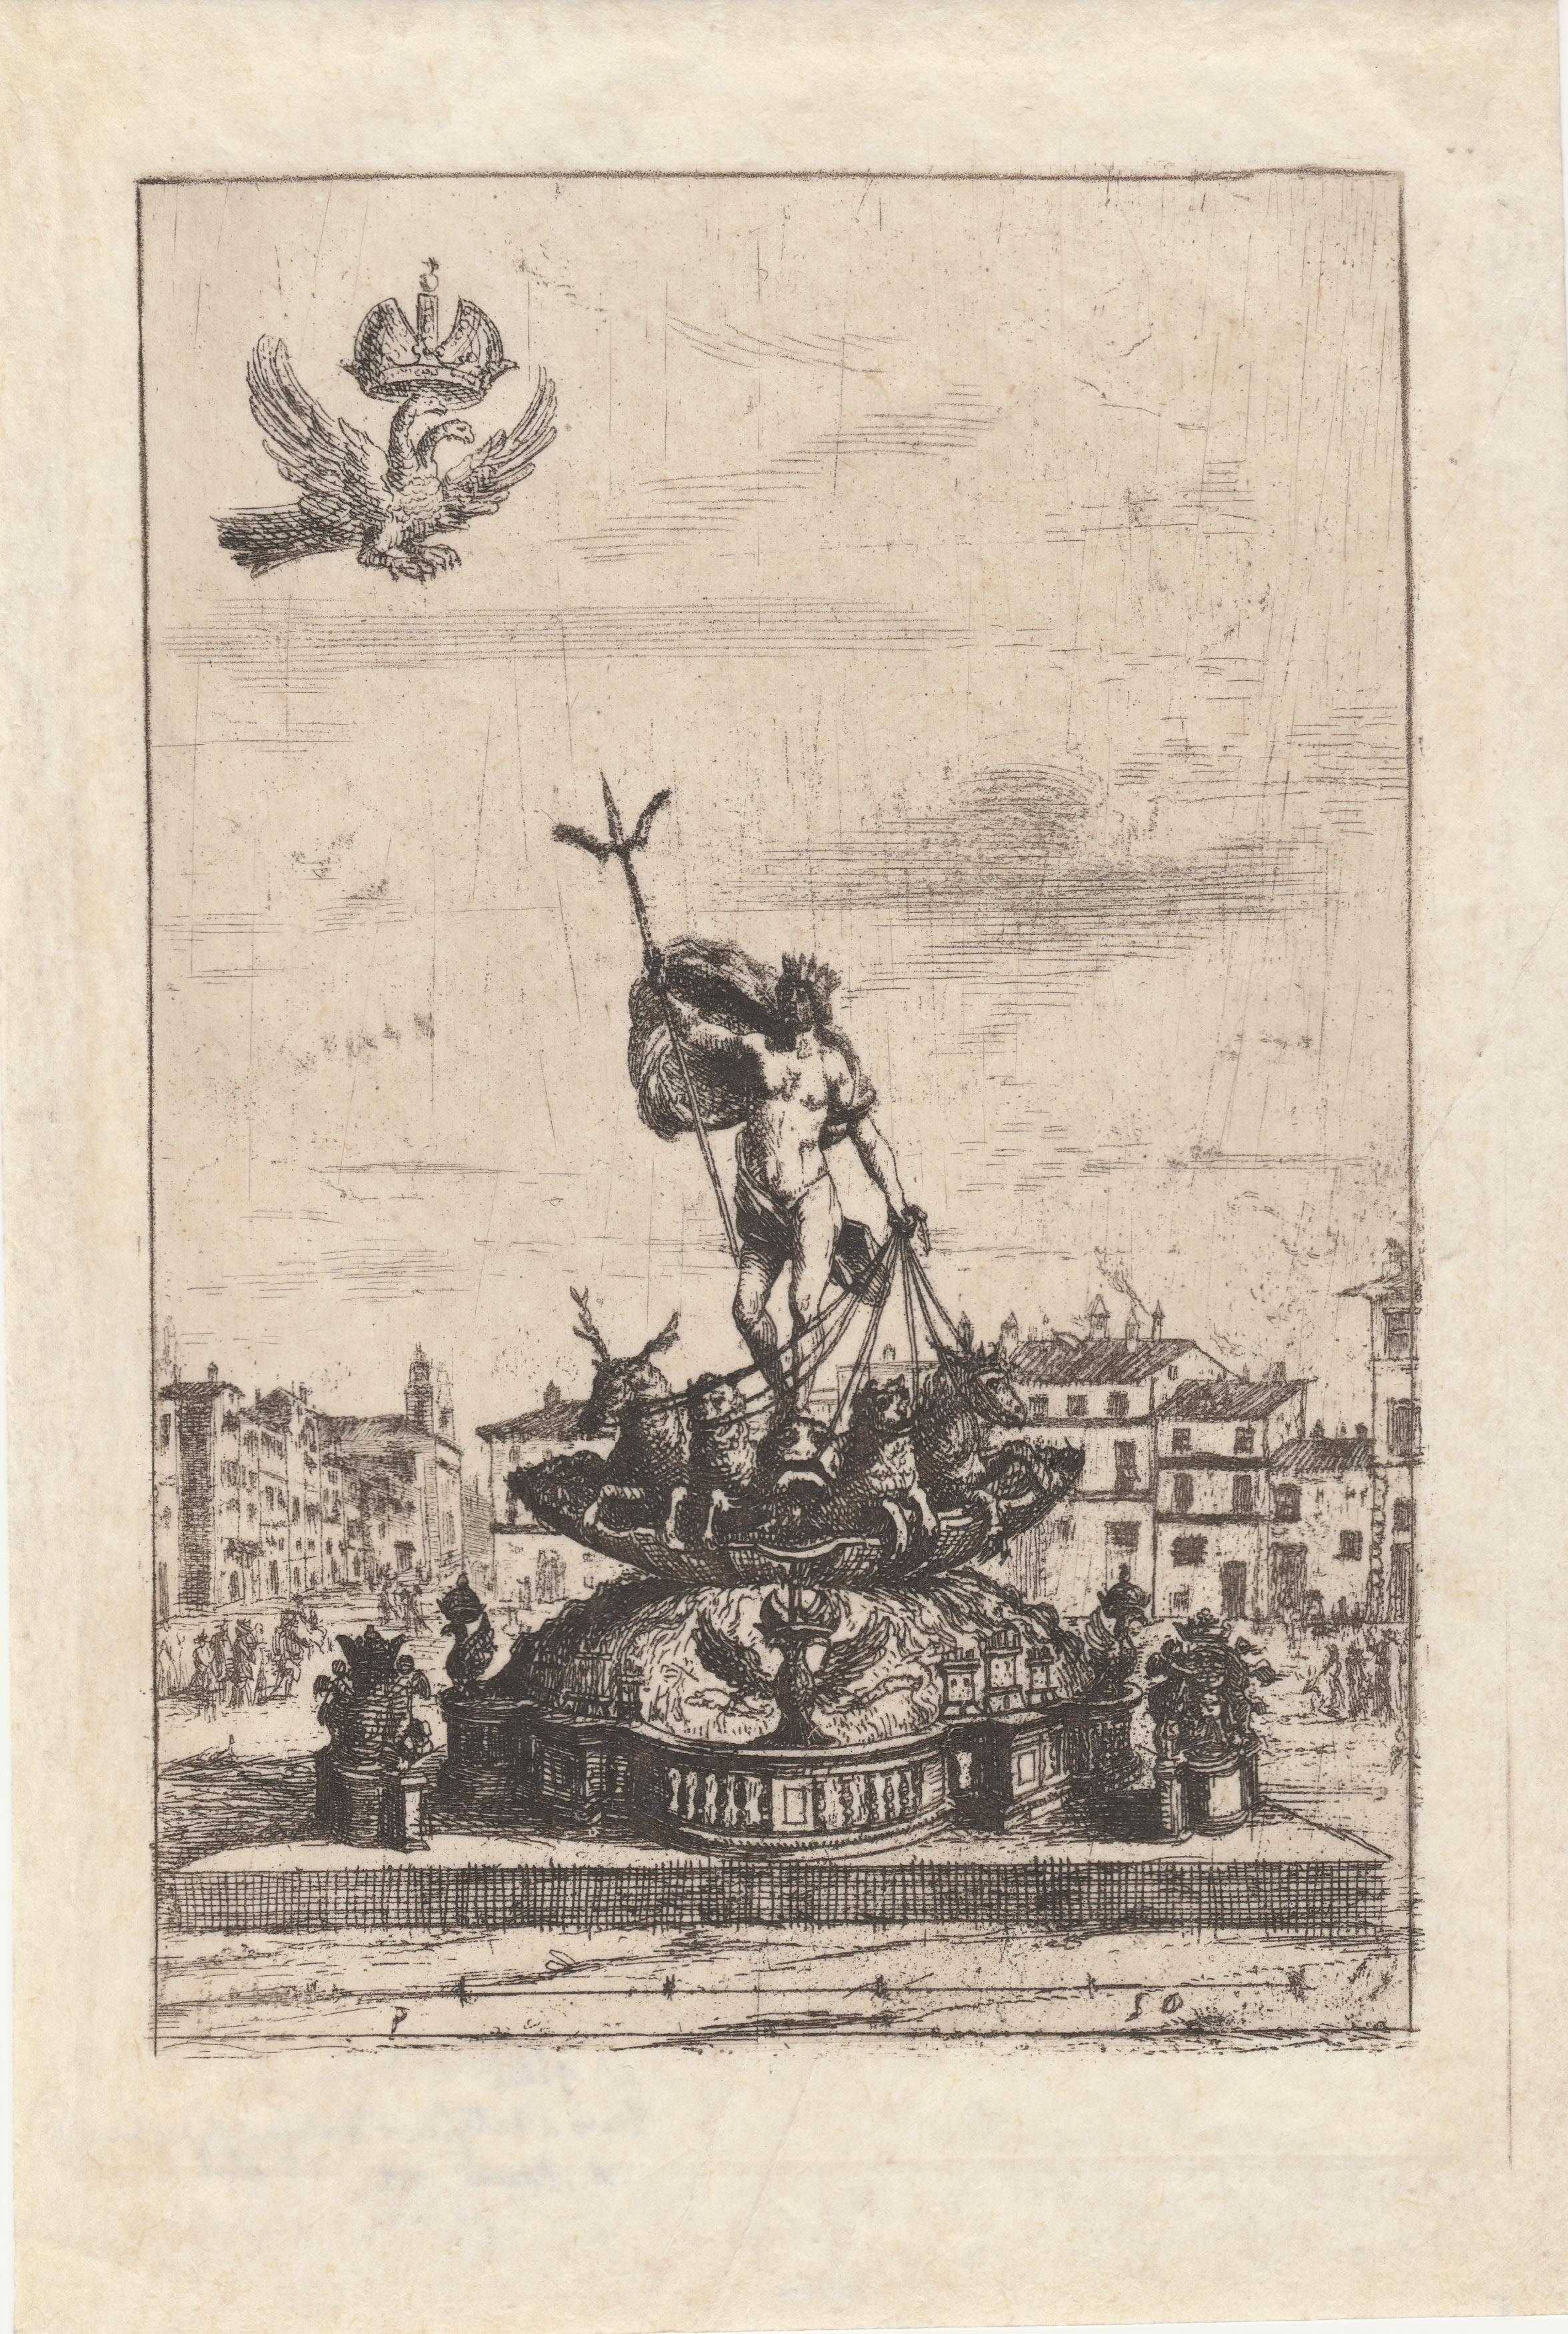 Claudio de Lorena – Fuegos de artificio, fuente de Neptuno